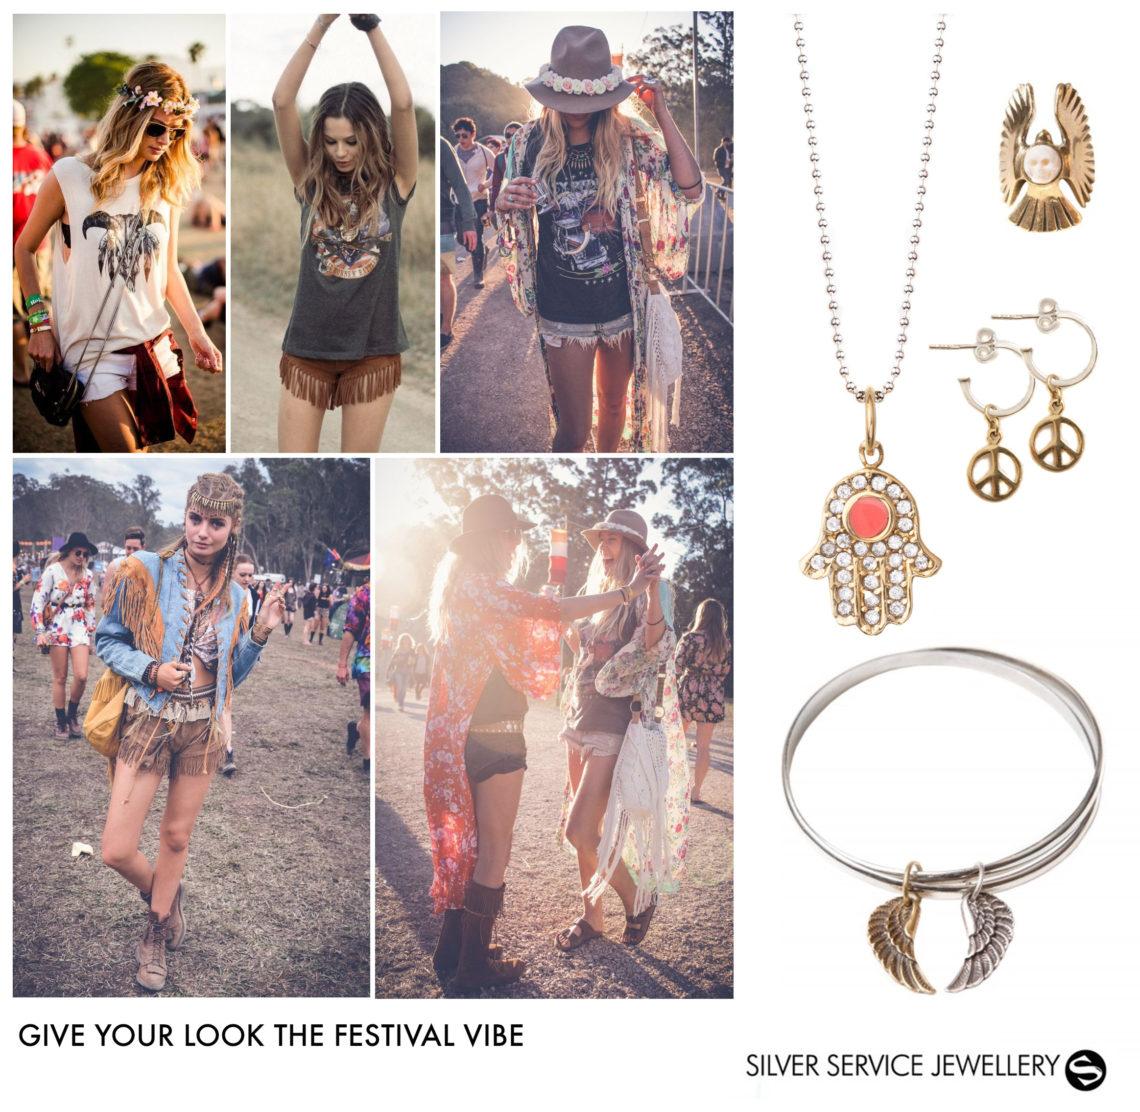 Silver Service Festival Vibe